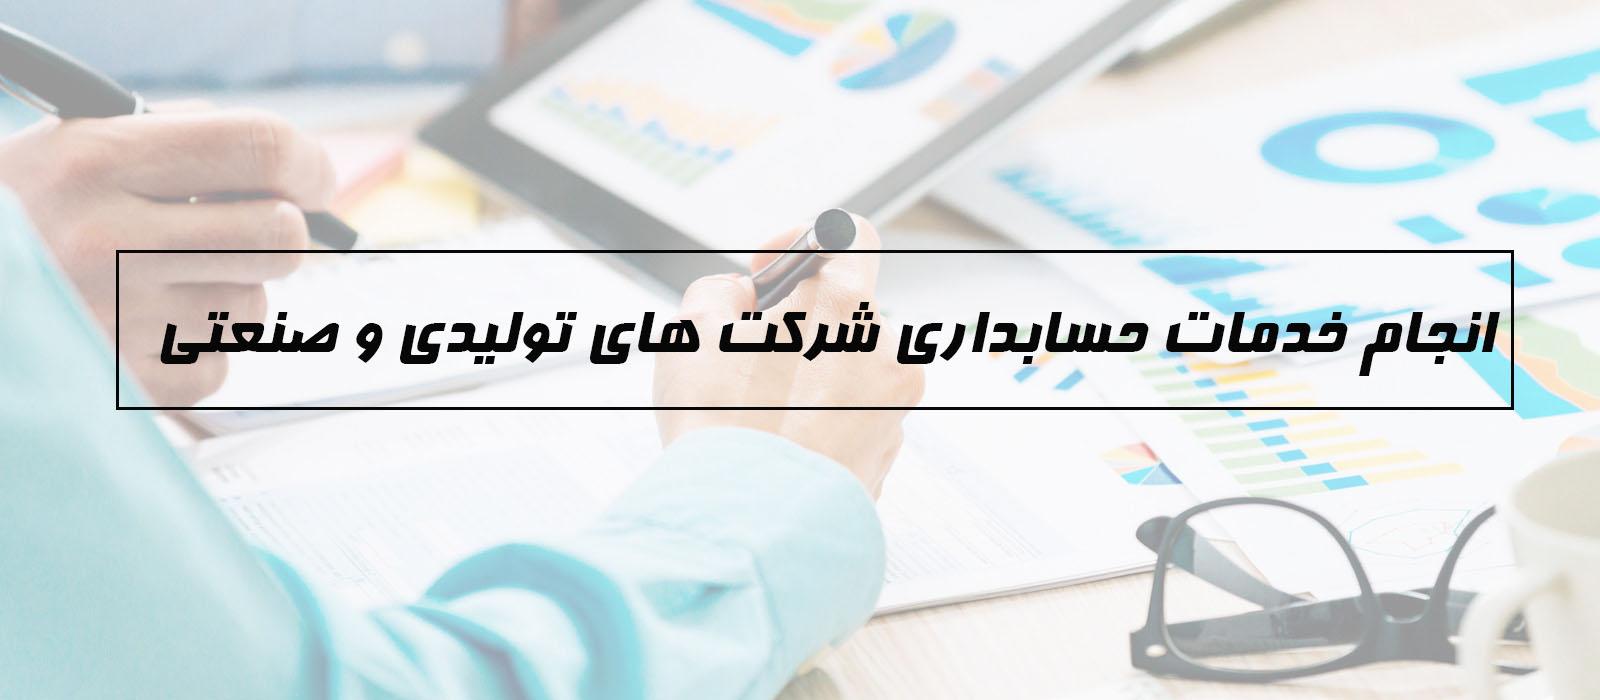 خدمات حسابداری شرکت های تولیدی